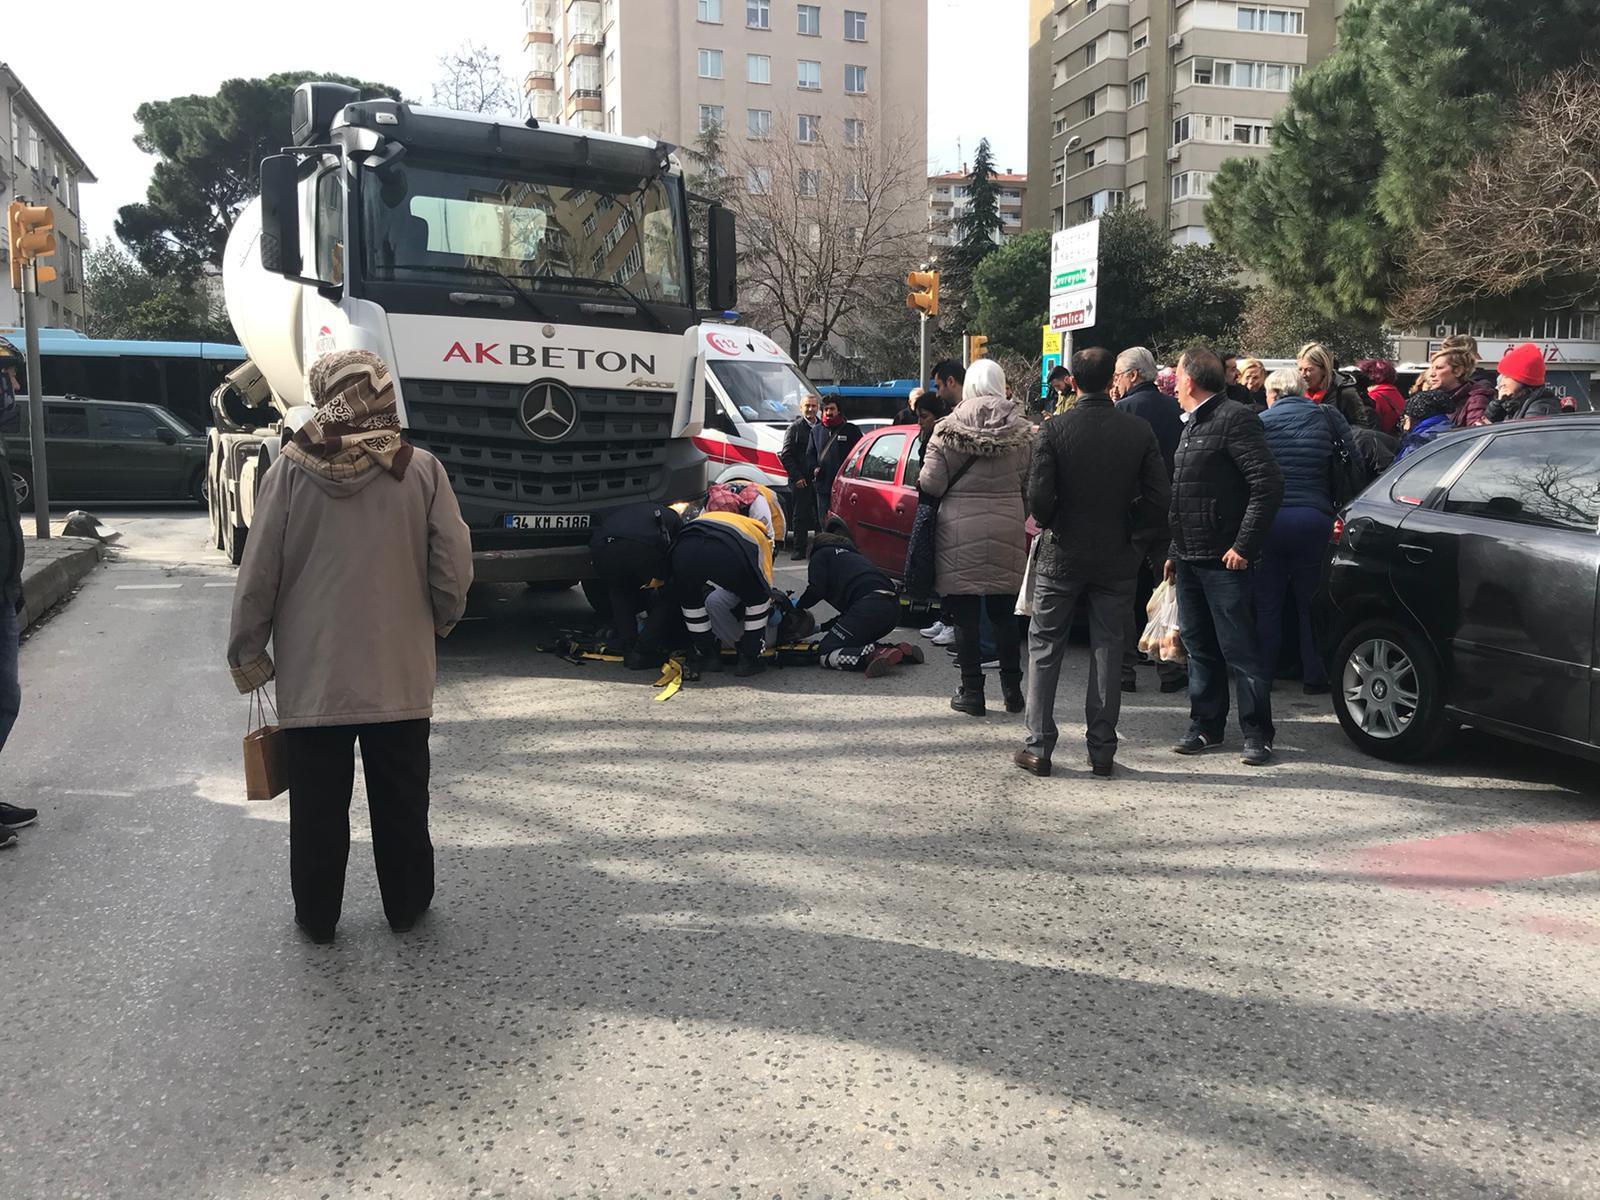 Yaşlı adama beton mikseri çarptı